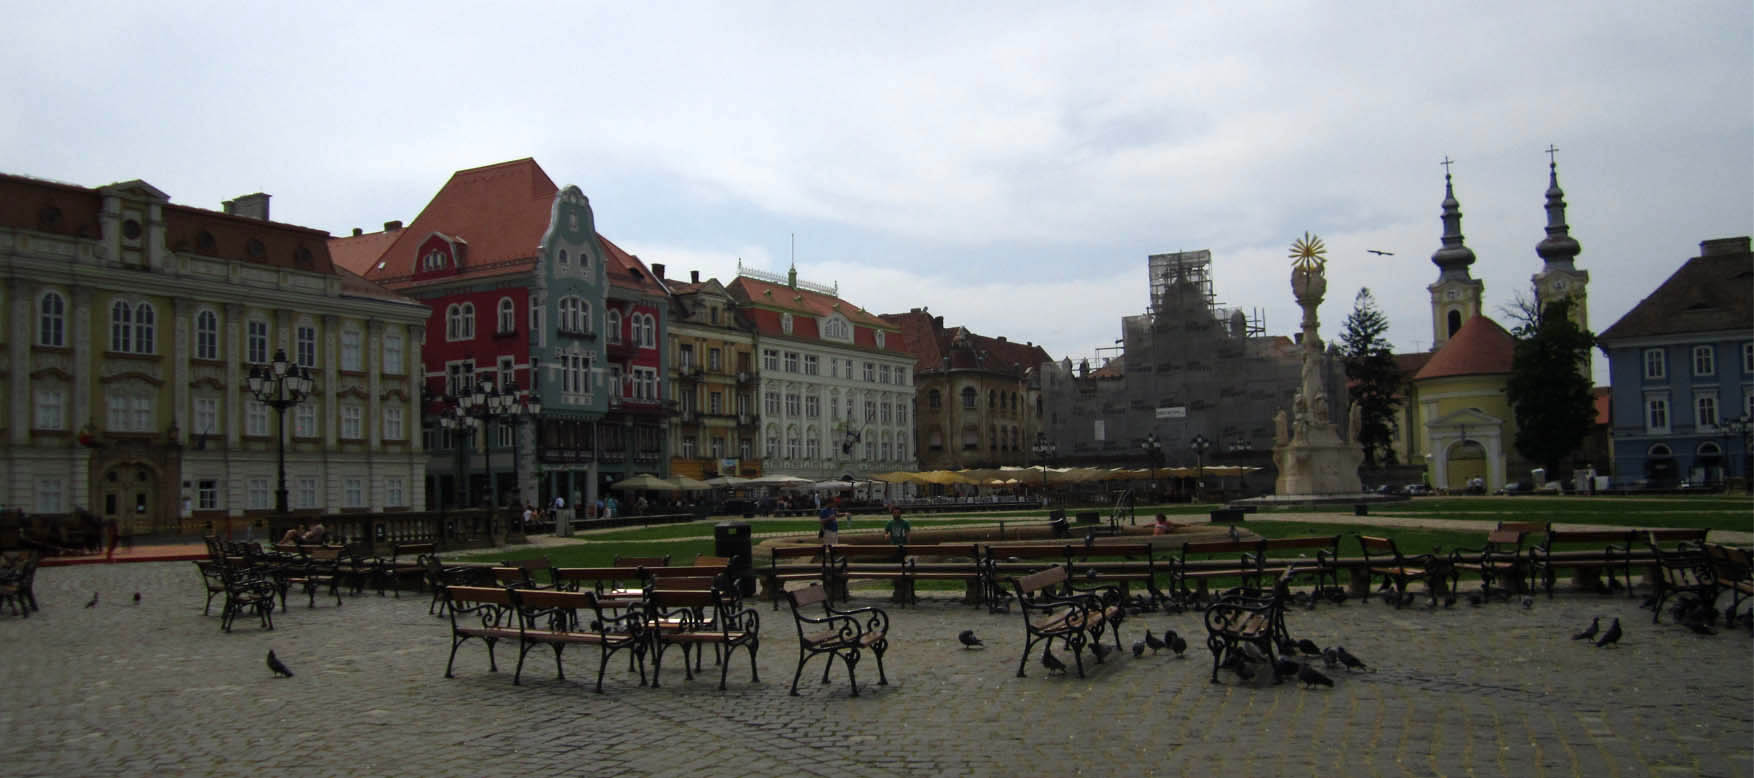 53 Rumunija Temisvar glavni trg